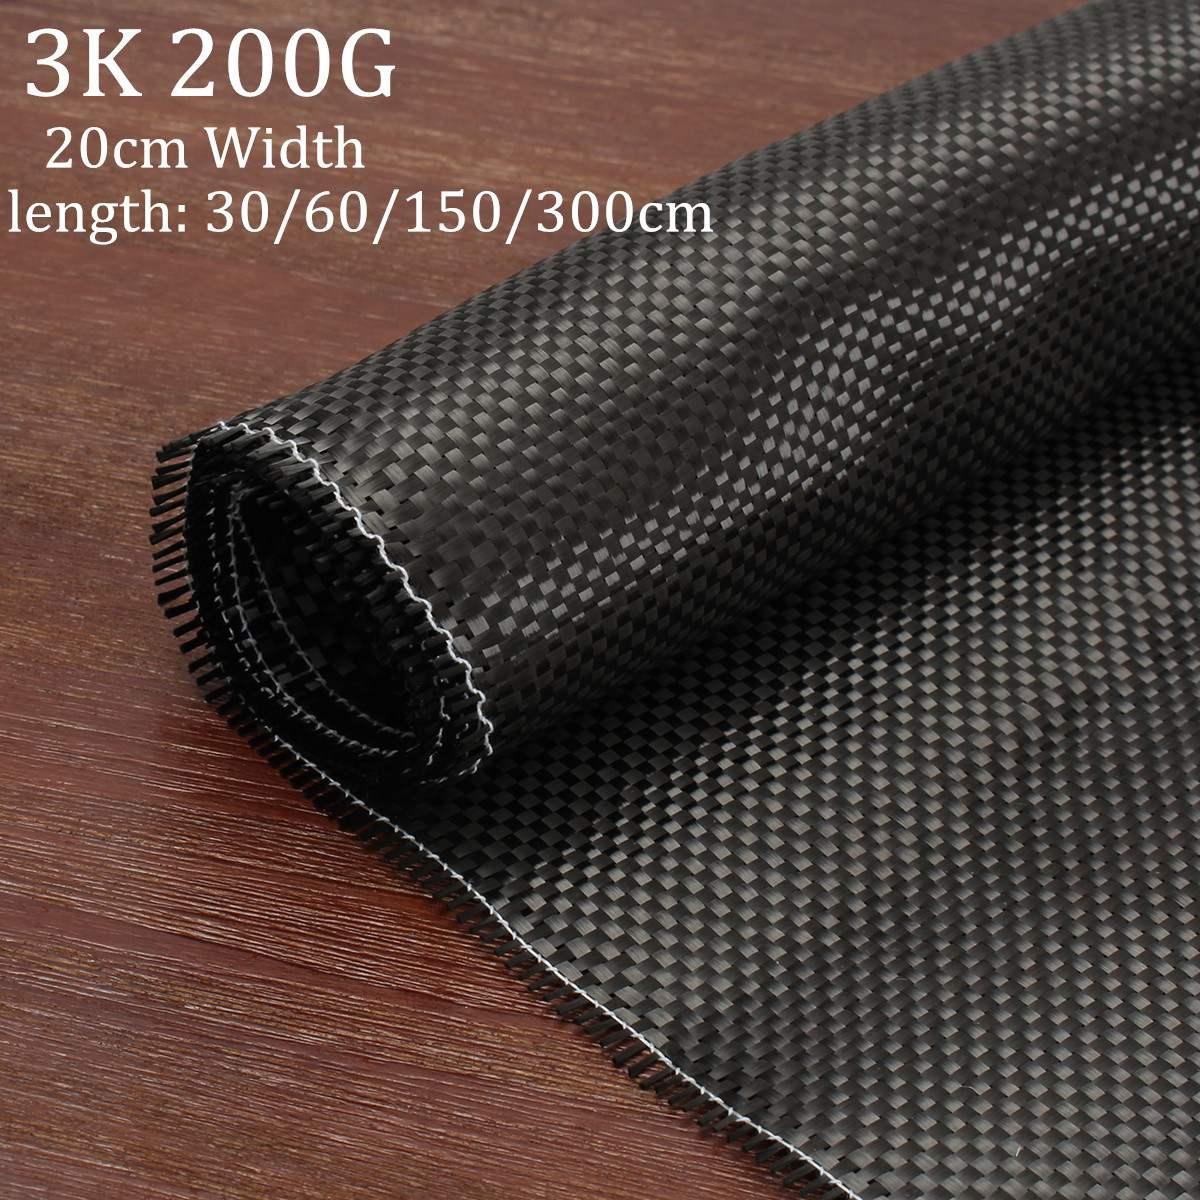 Tela lisa preta do carbono de pano da fibra do carbono de 3k 200g para o equipamento comercial do esporte da parte do carro da espessura de 20cm da largura de 0.2mm